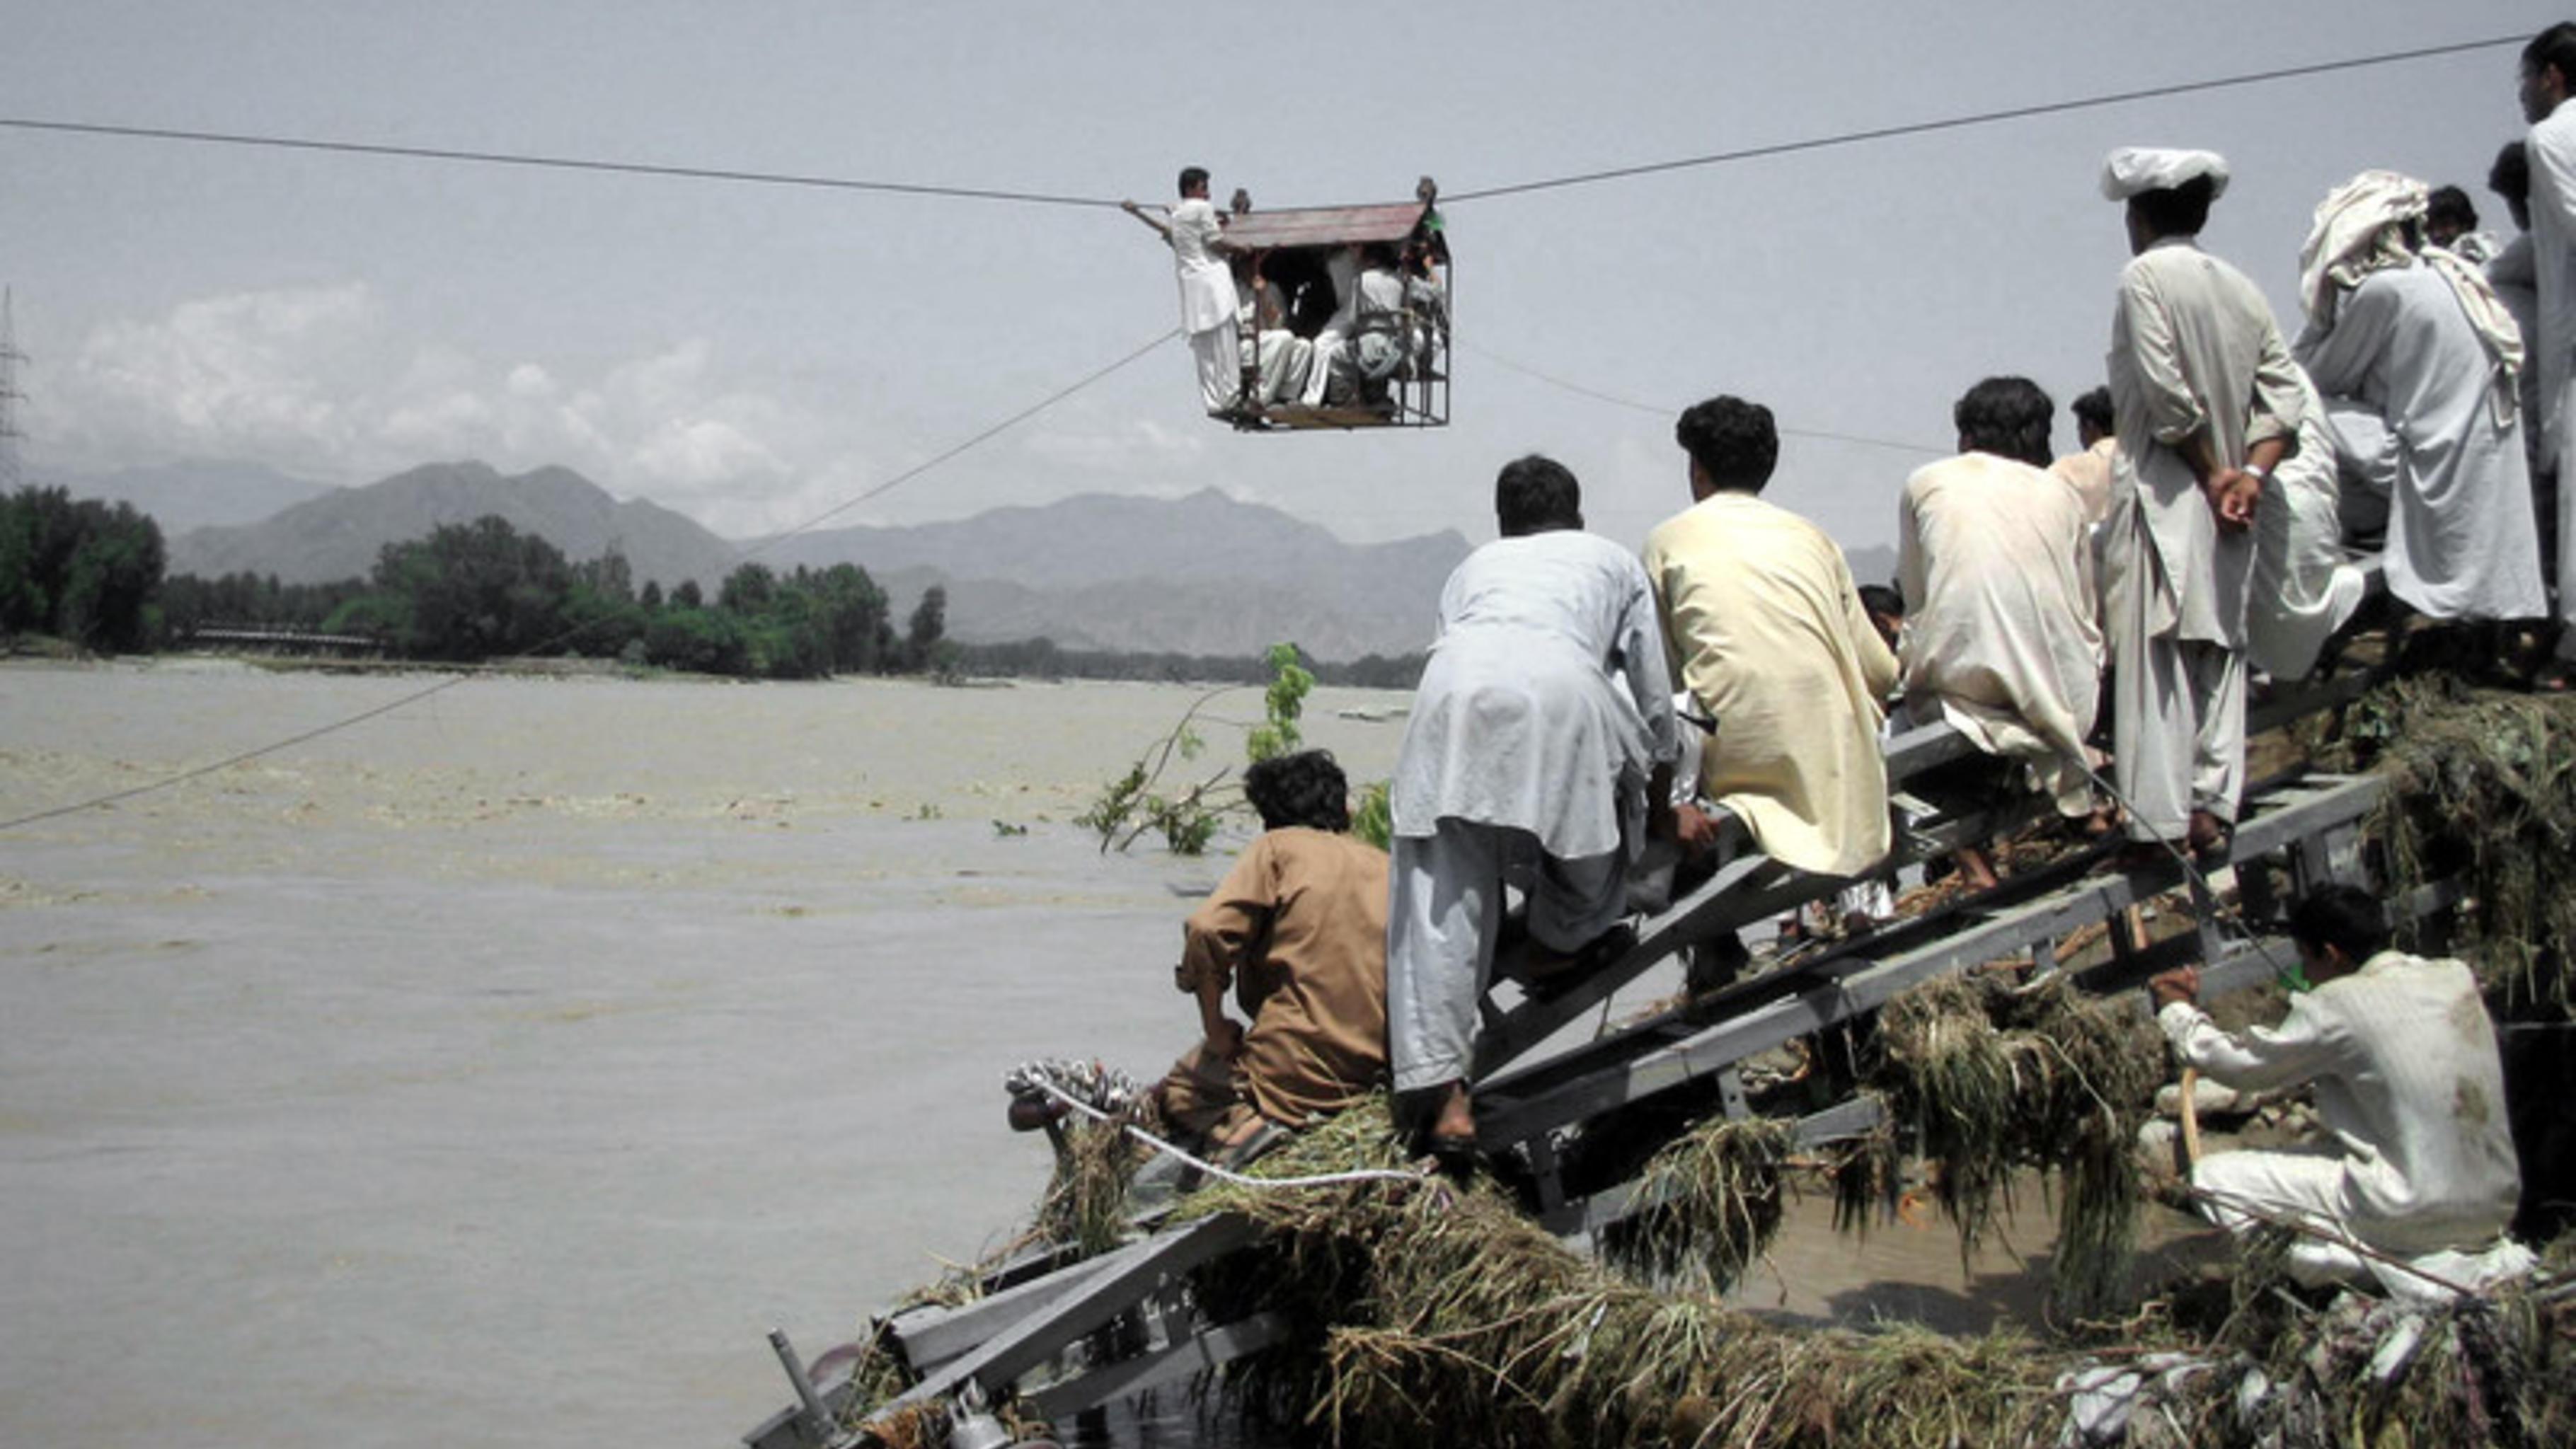 Foto: Menschen nutzen eine Seilbahn zur Flucht vor dem Wasser.